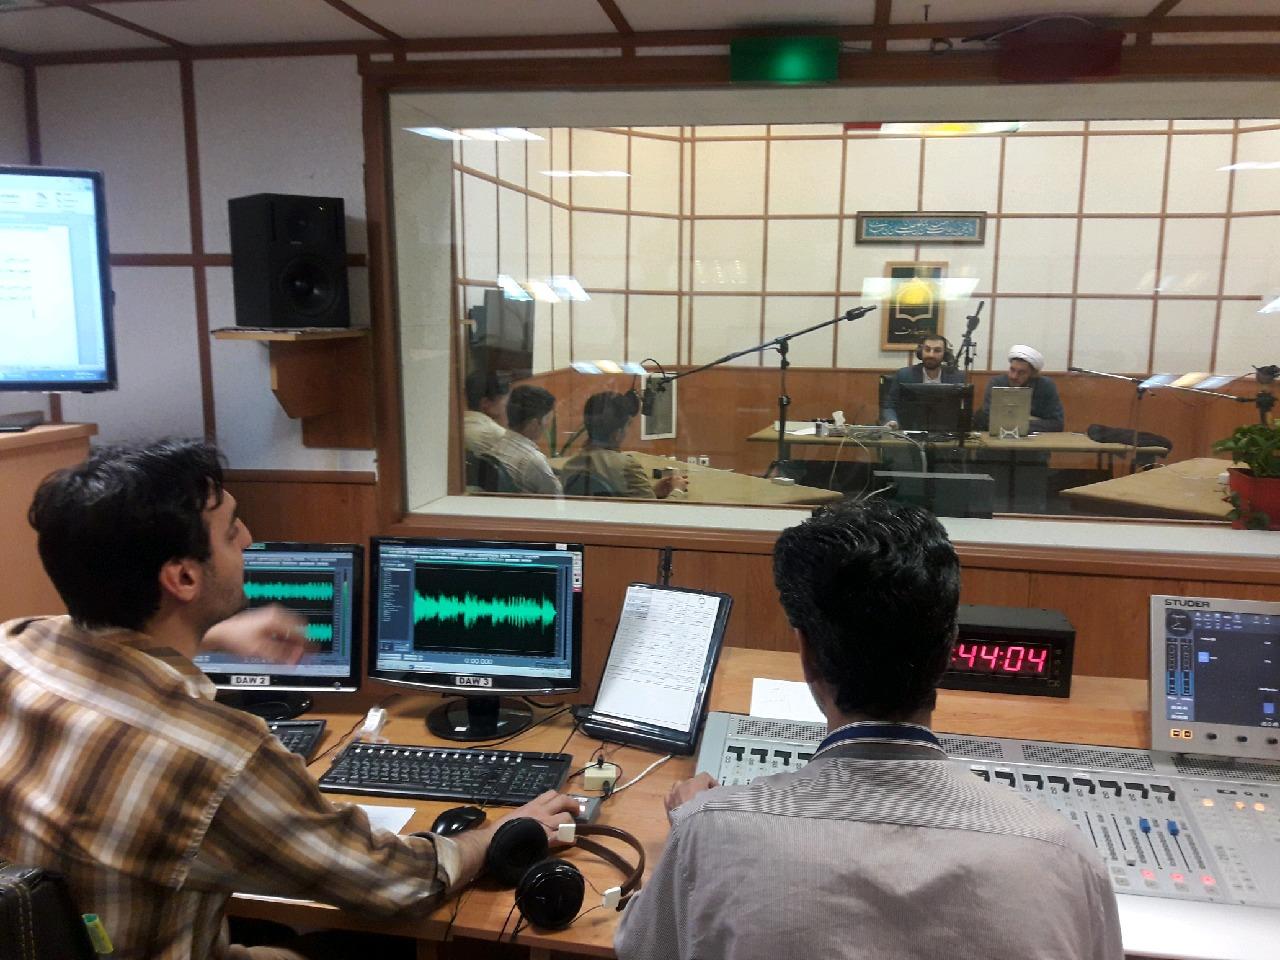 مسابقه نمازی معراج برنامه مشترک مرکز تخصصی نماز و رادیو معارف